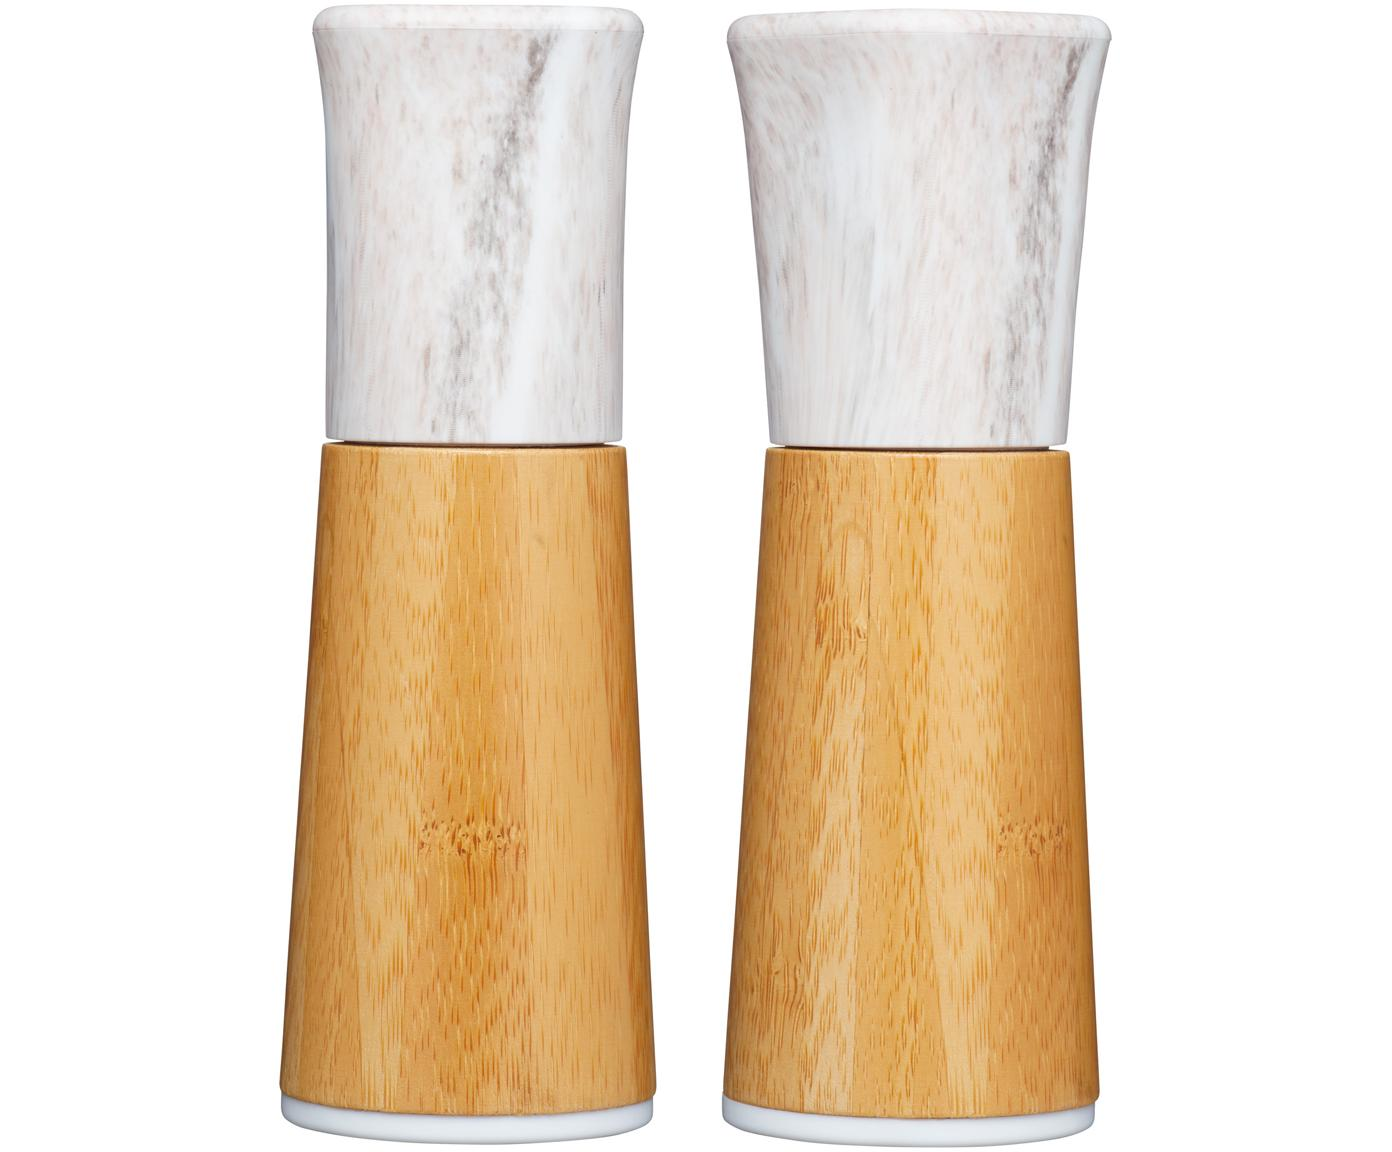 Marmor-Salz- und Pfeffermühle Dyta, 2er-Set, Gehäuse: Bambus, Marmor, Mahlwerk: Keramik, Bambus, Weiß, marmoriert, Ø 6 x H 18 cm